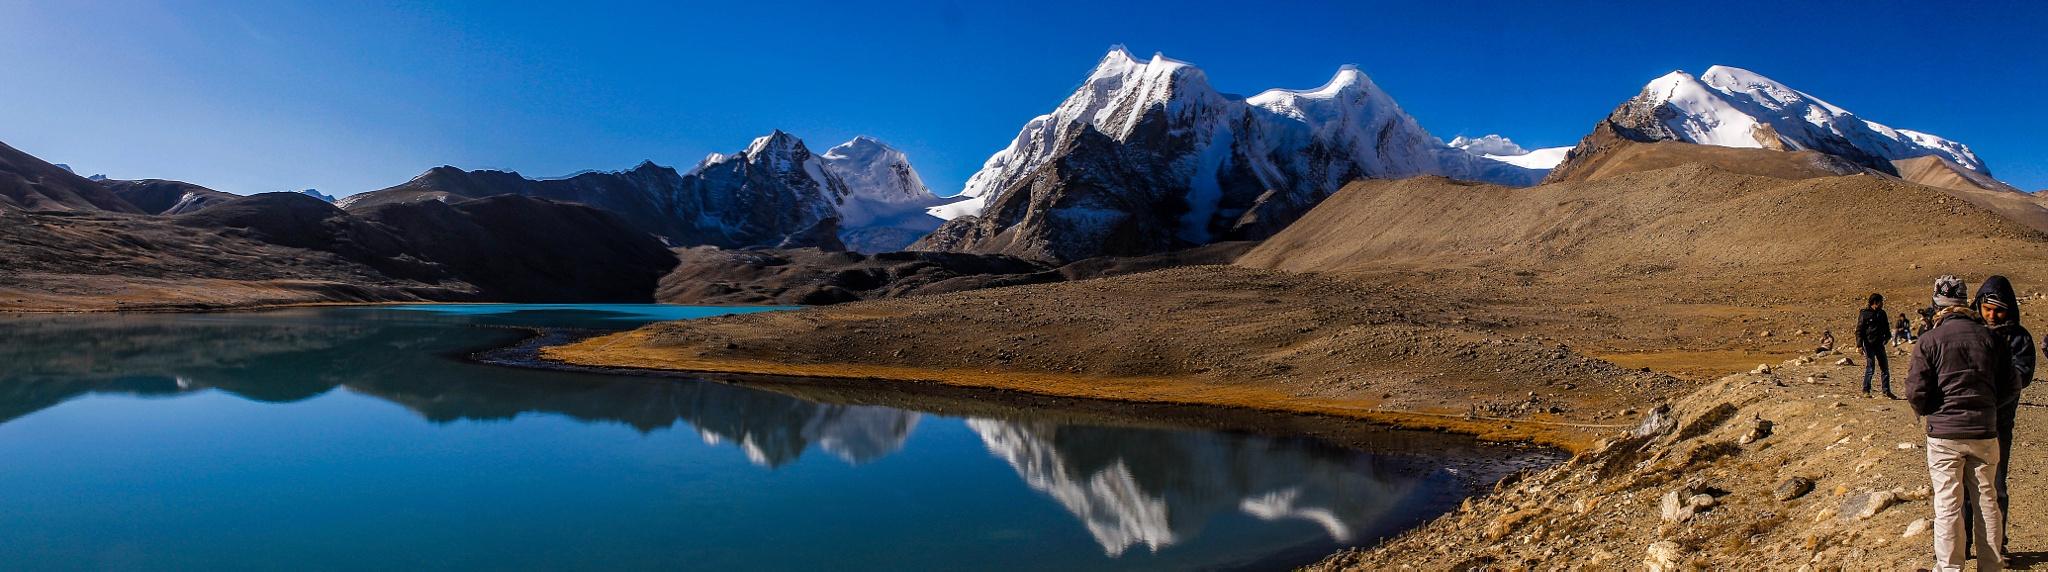 Lake Gurudomner, North Sikkim, India by subhagatadey